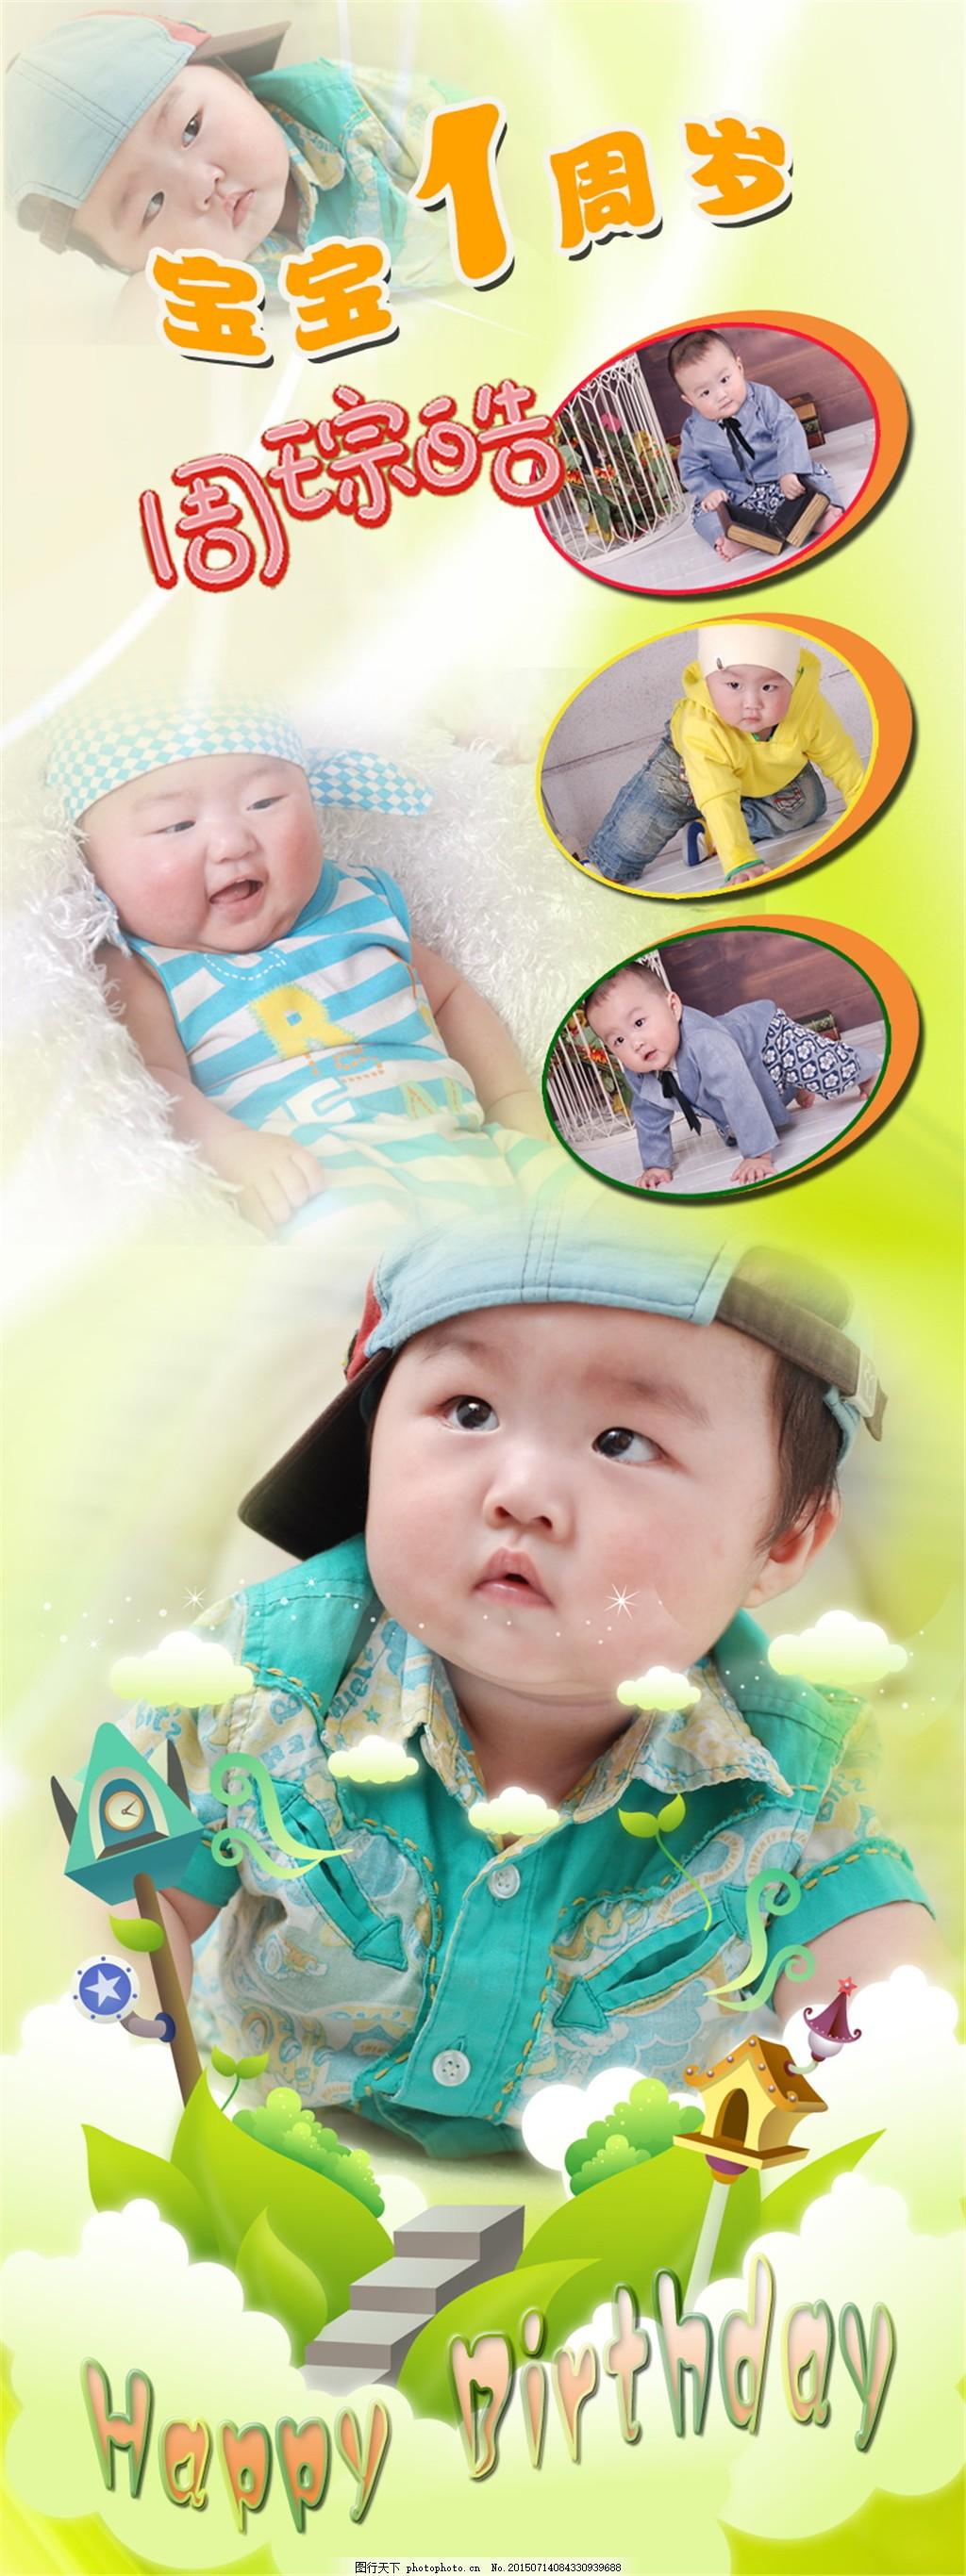 周岁易拉宝 可爱儿童相册模版 生日快乐 婴幼儿 周岁相册 相册模版